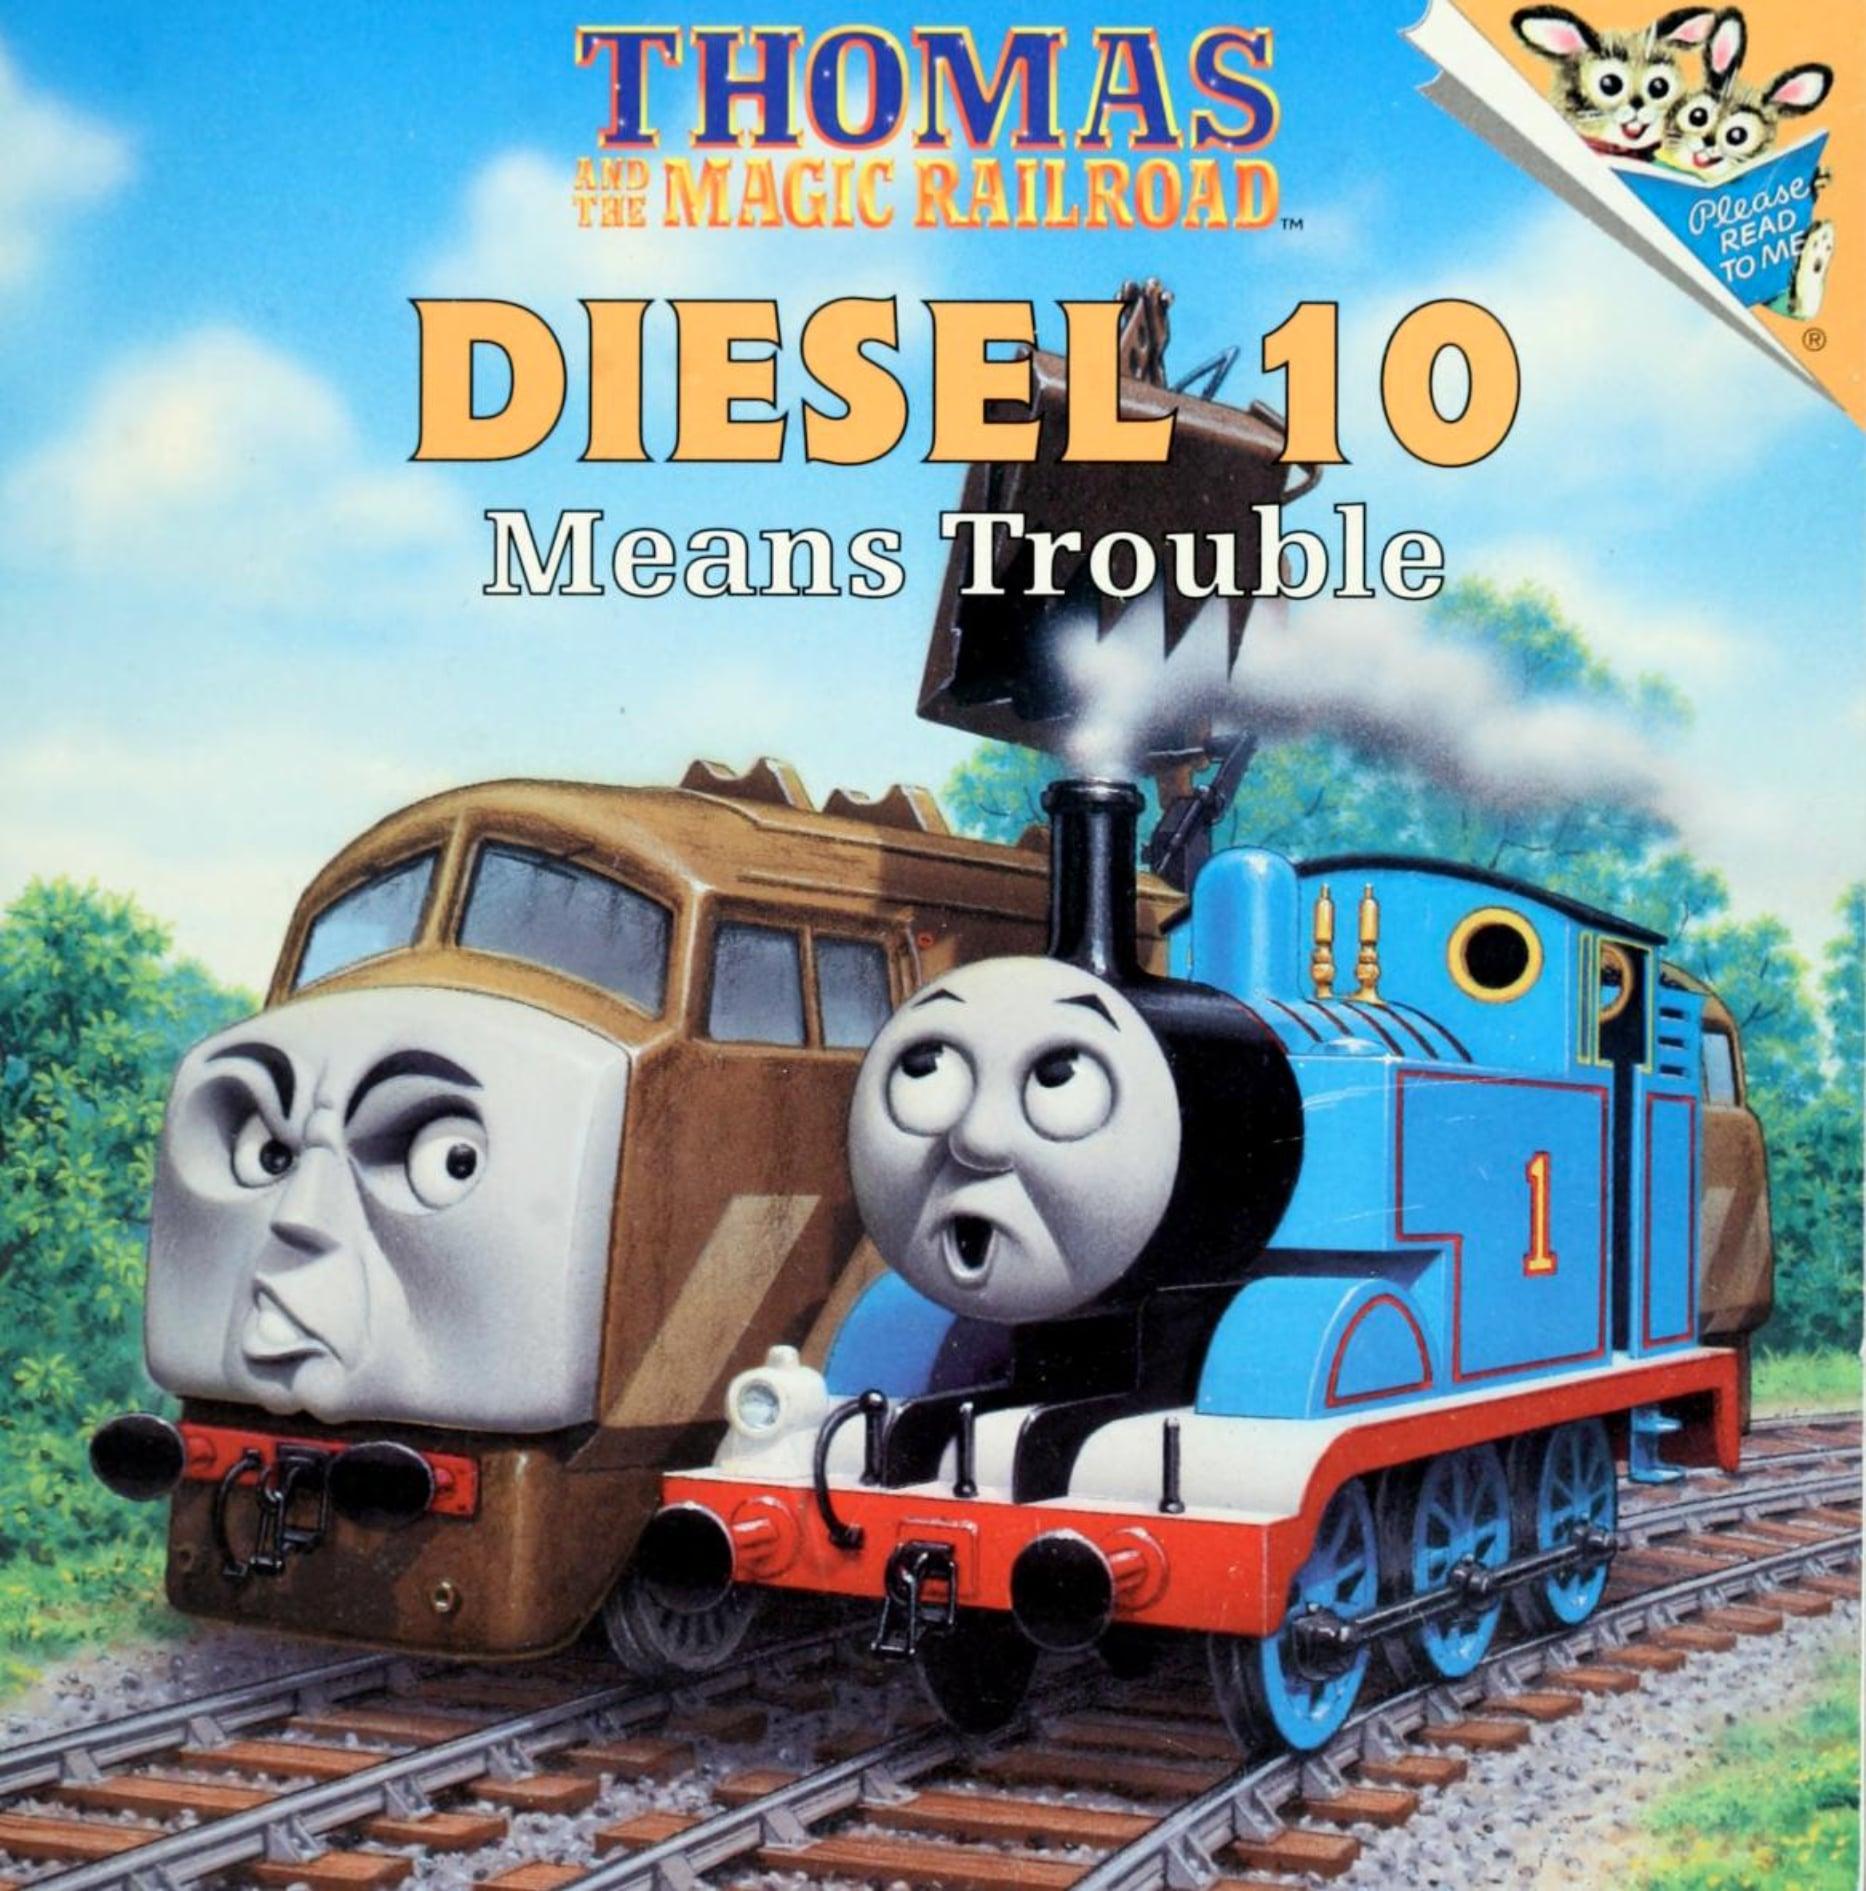 File:Diesel10MeansTrouble.jpg